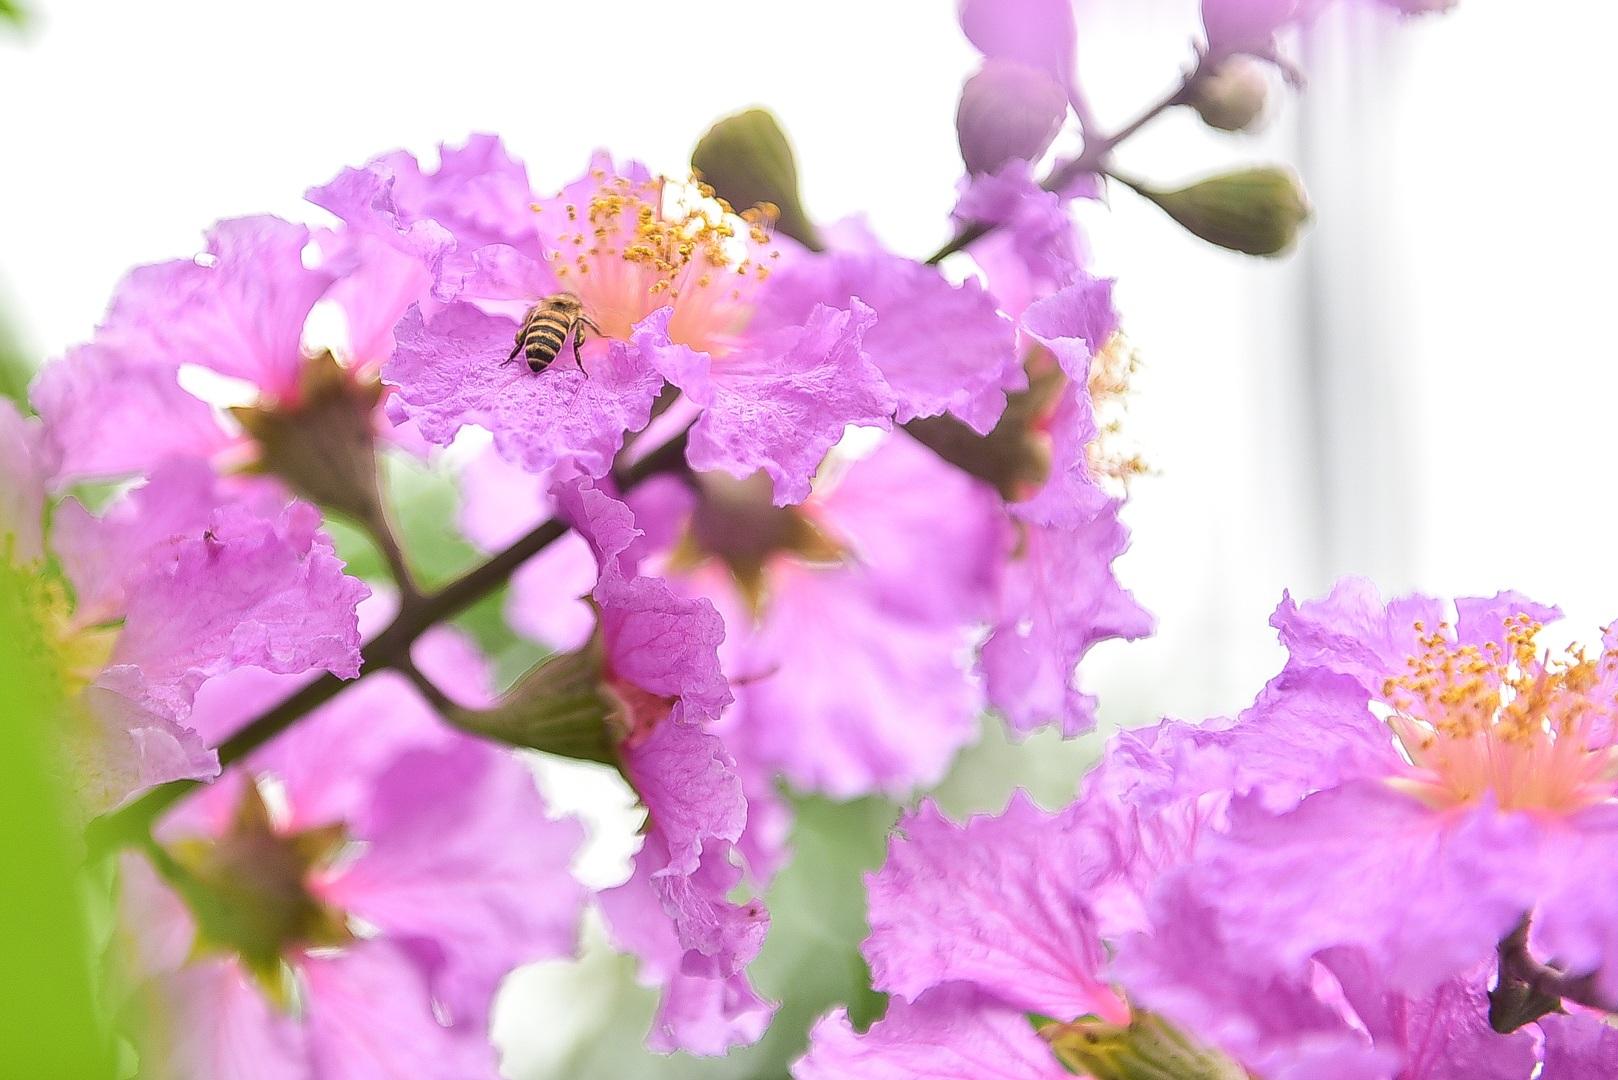 Hoa bằng lăng mộng mơ nhuộm tím đường phố Hà Nội - 11